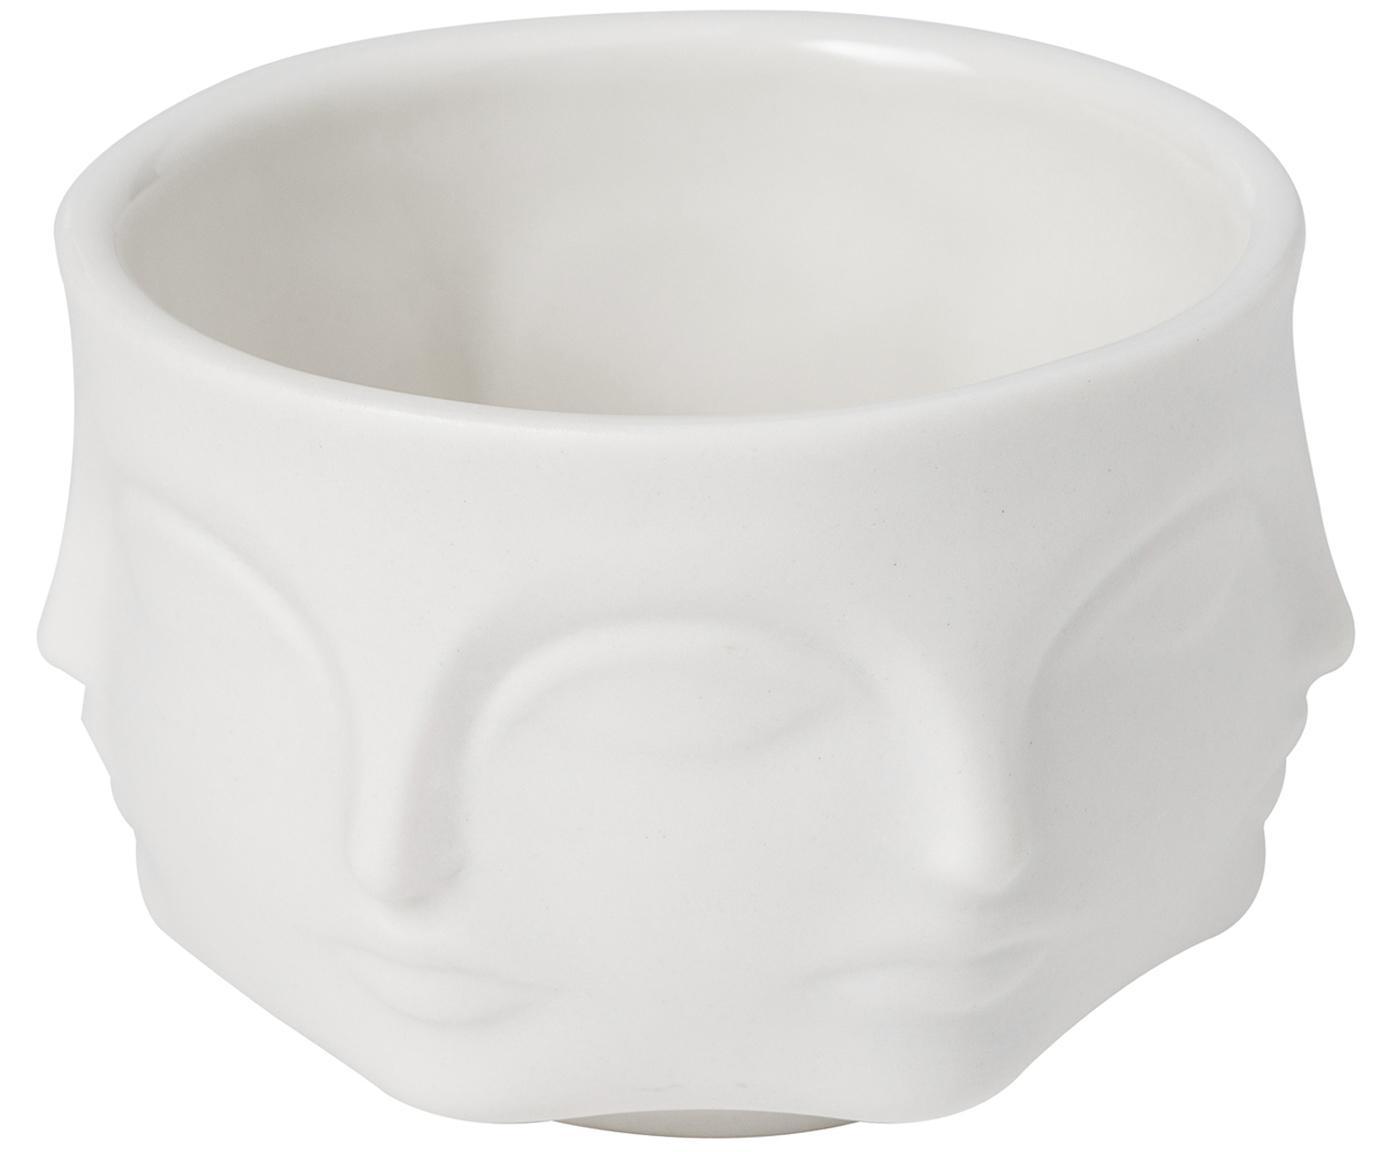 Kleine Designer-Dipschalen Muse, Porzellan, Weiß, Ø 7 cm